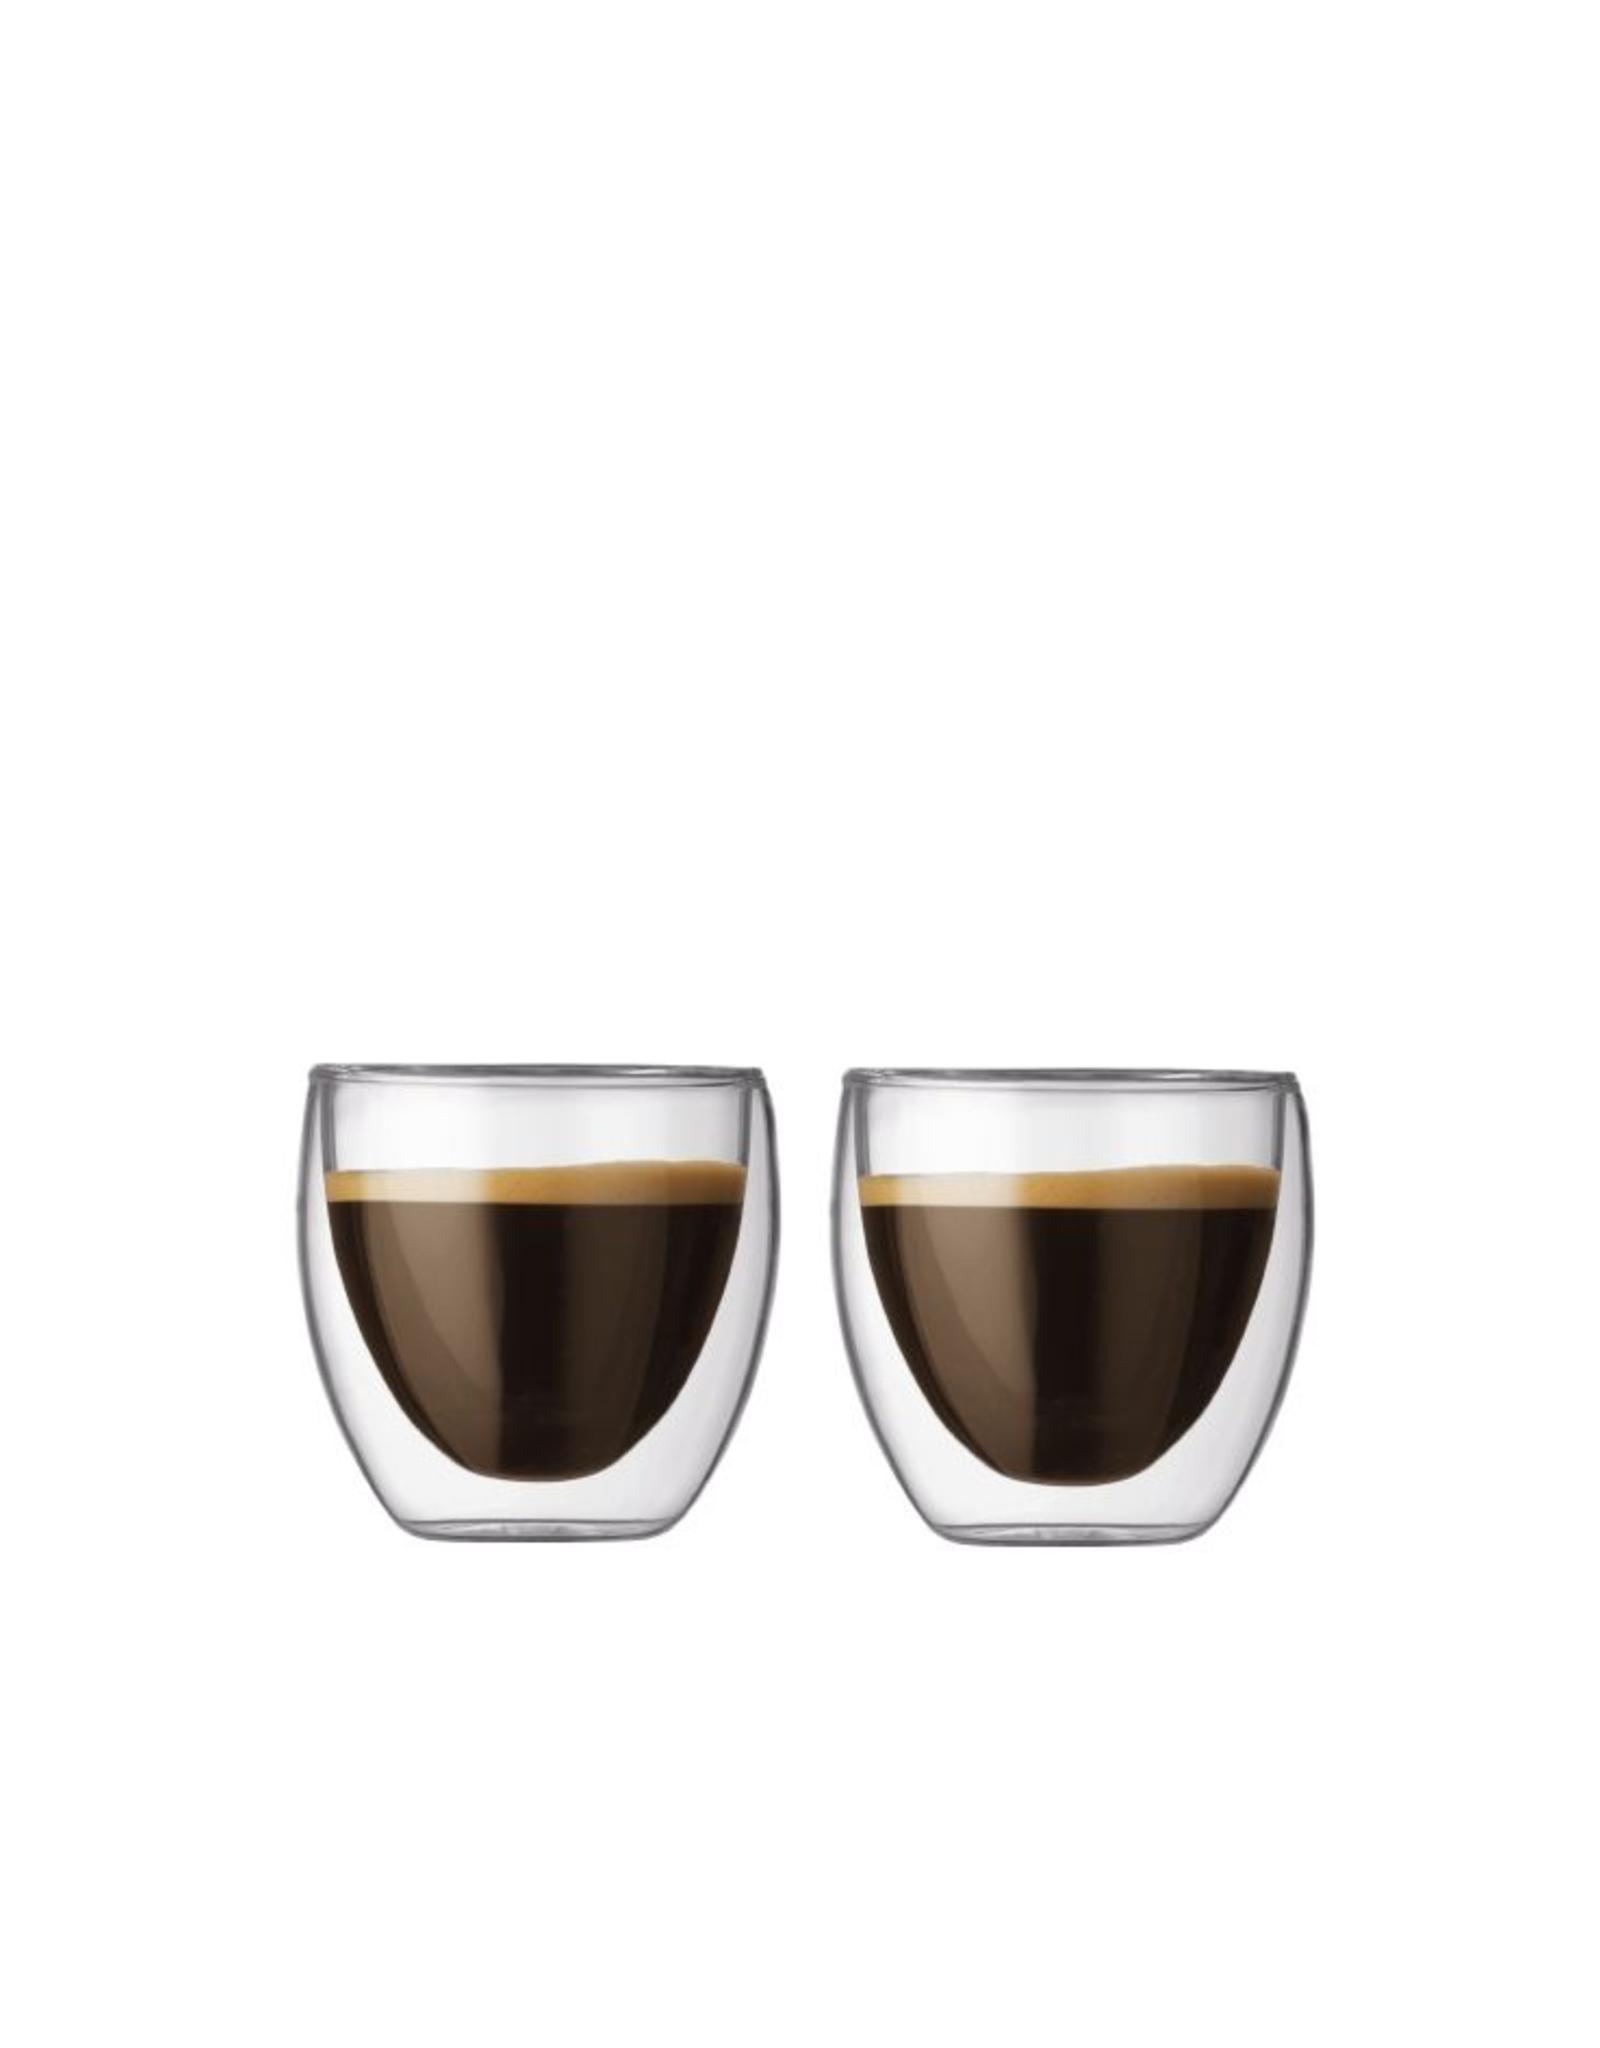 Bodum Pavina Glasses Extra Small 2.5 oz Set2